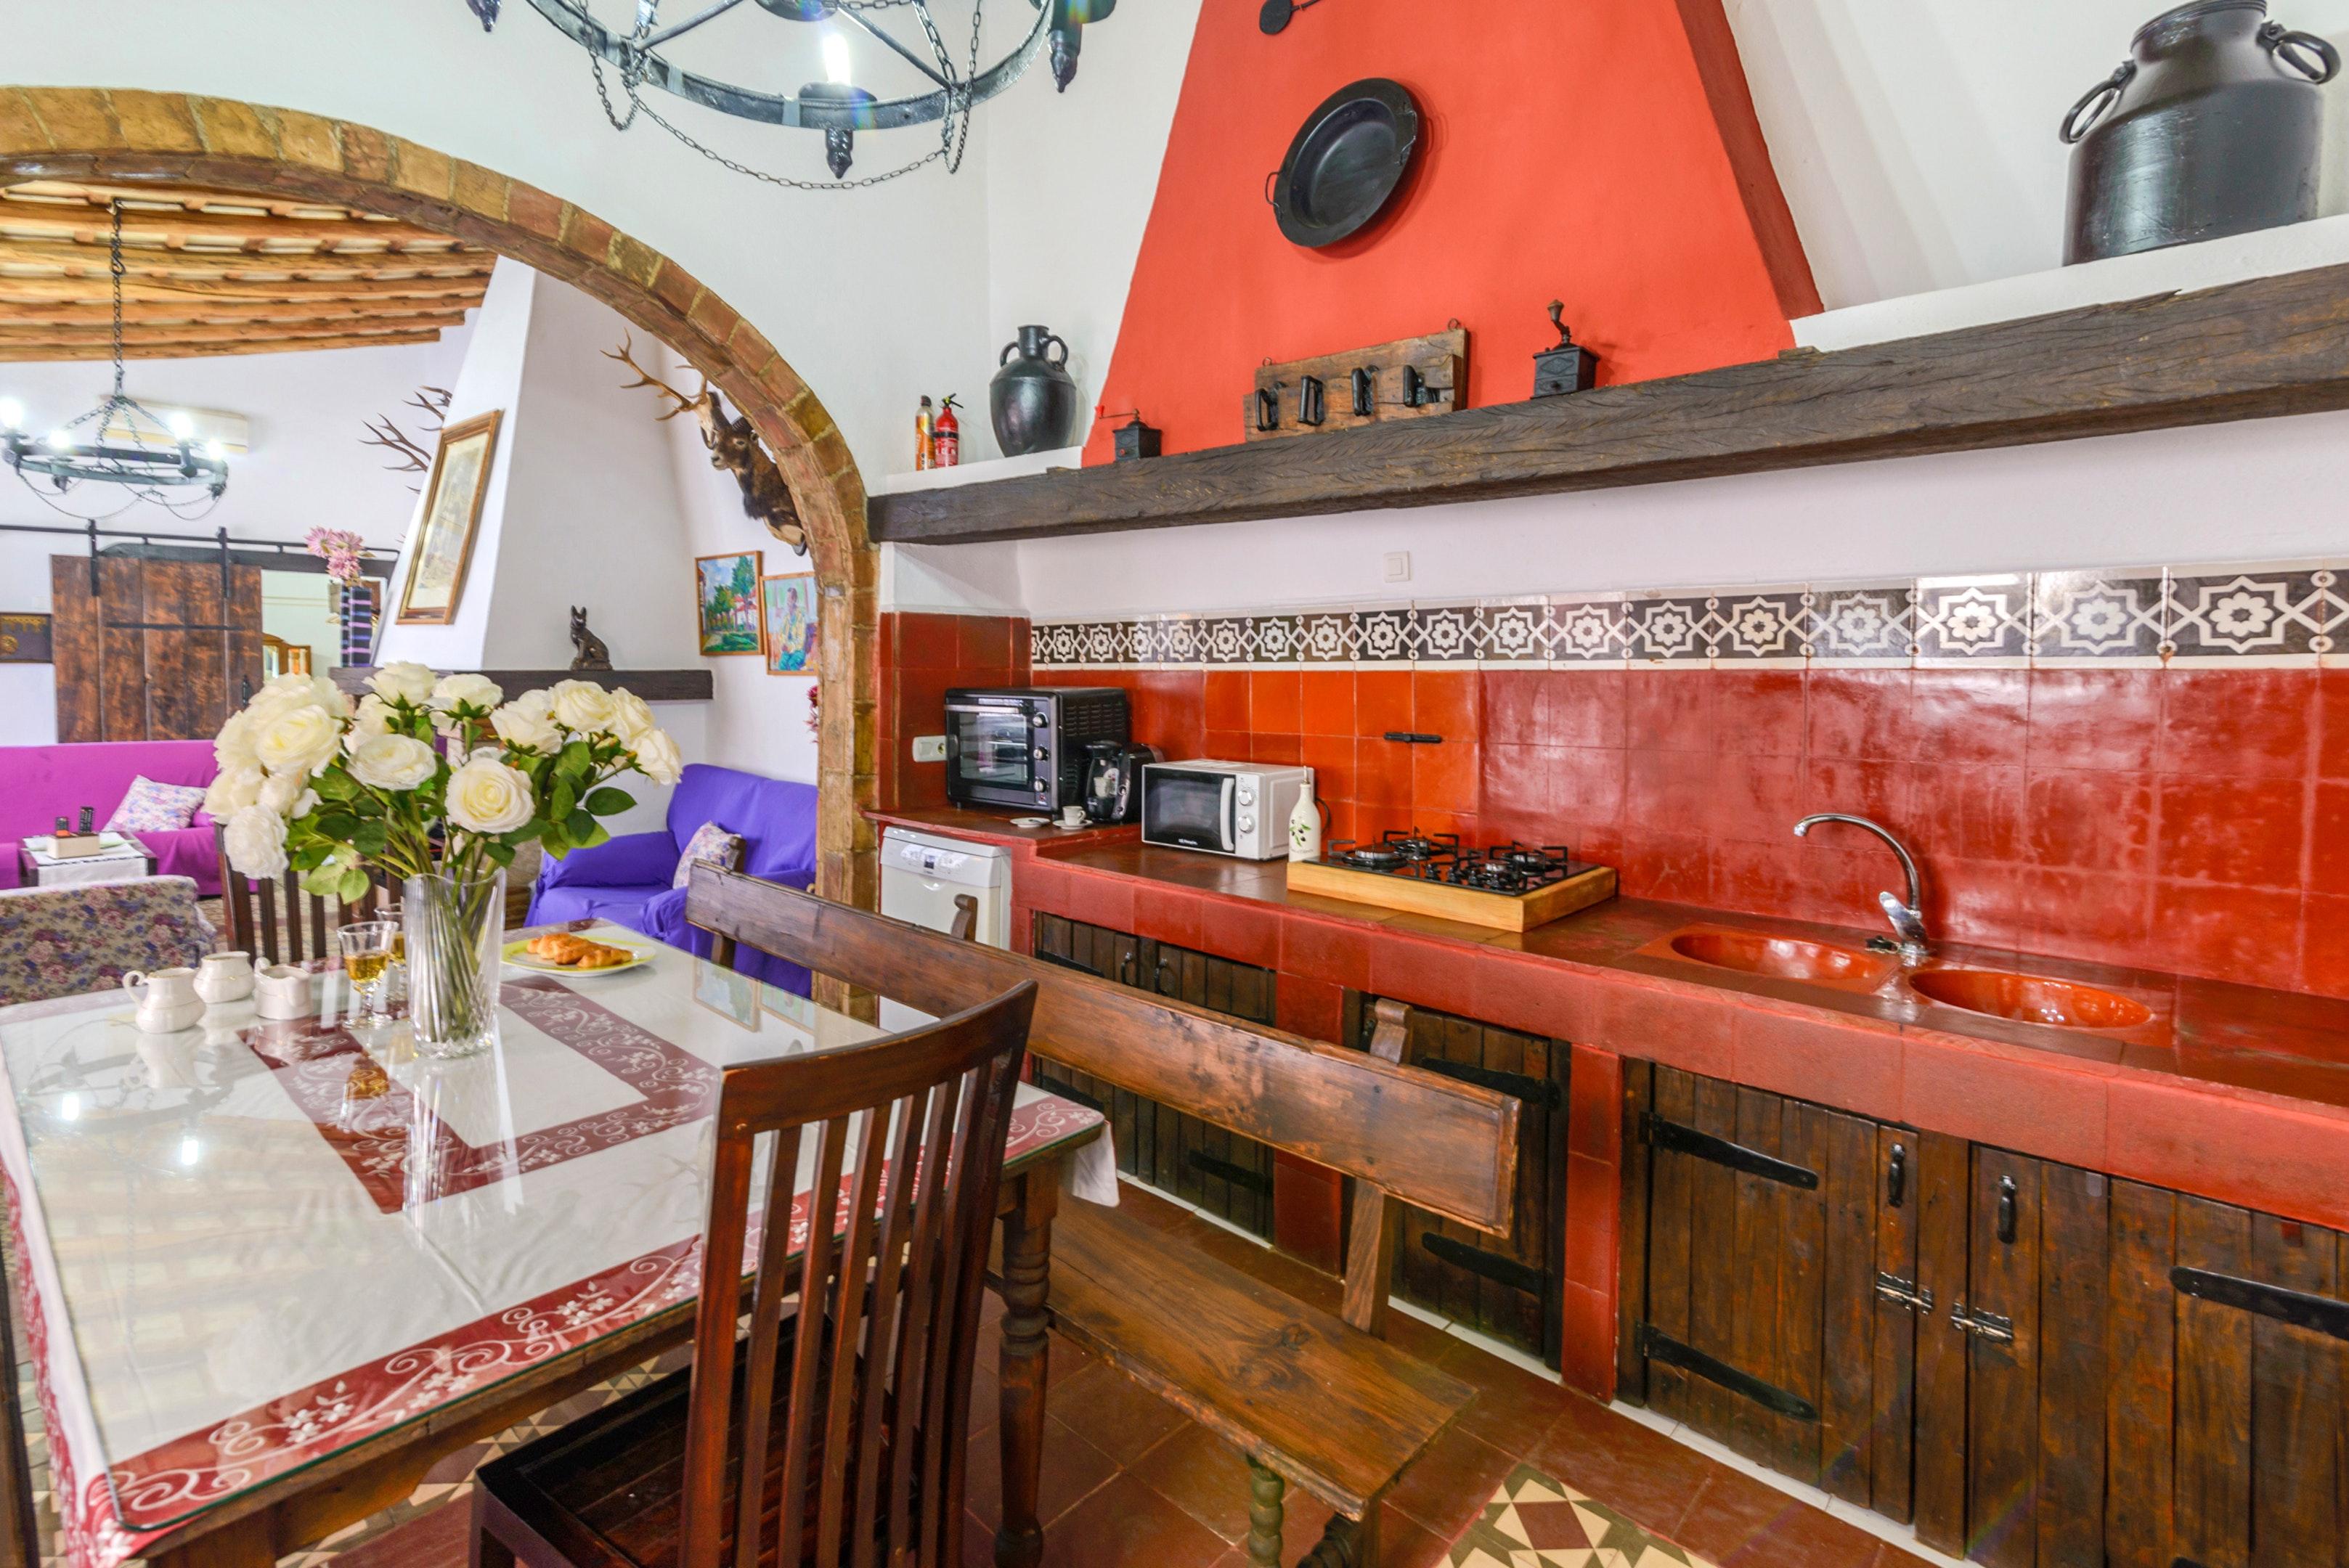 Ferienhaus Villa mit 3 Schlafzimmern in Peñaflor mit privatem Pool, eingezäuntem Garten und W-LAN (2208249), Peñaflor, Sevilla, Andalusien, Spanien, Bild 46